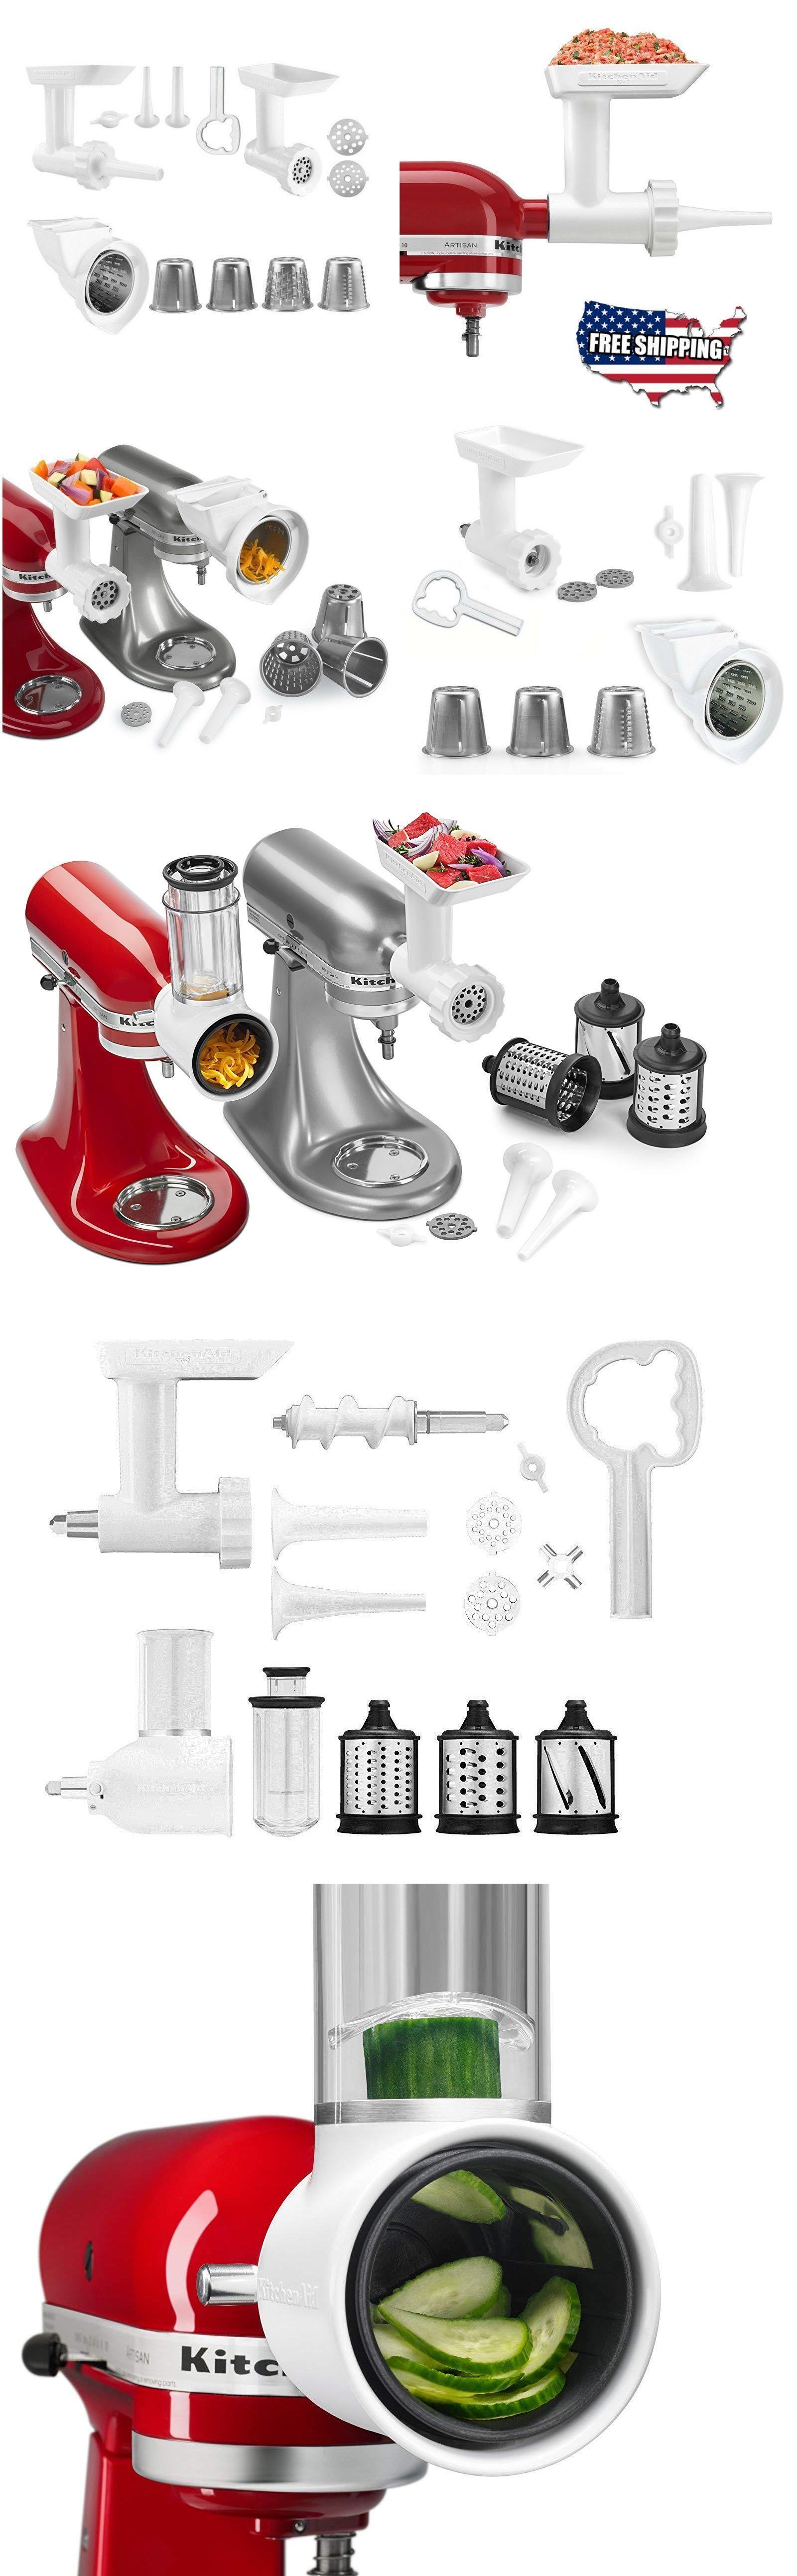 Countertop mixers 133701 kitchenaid stand mixer